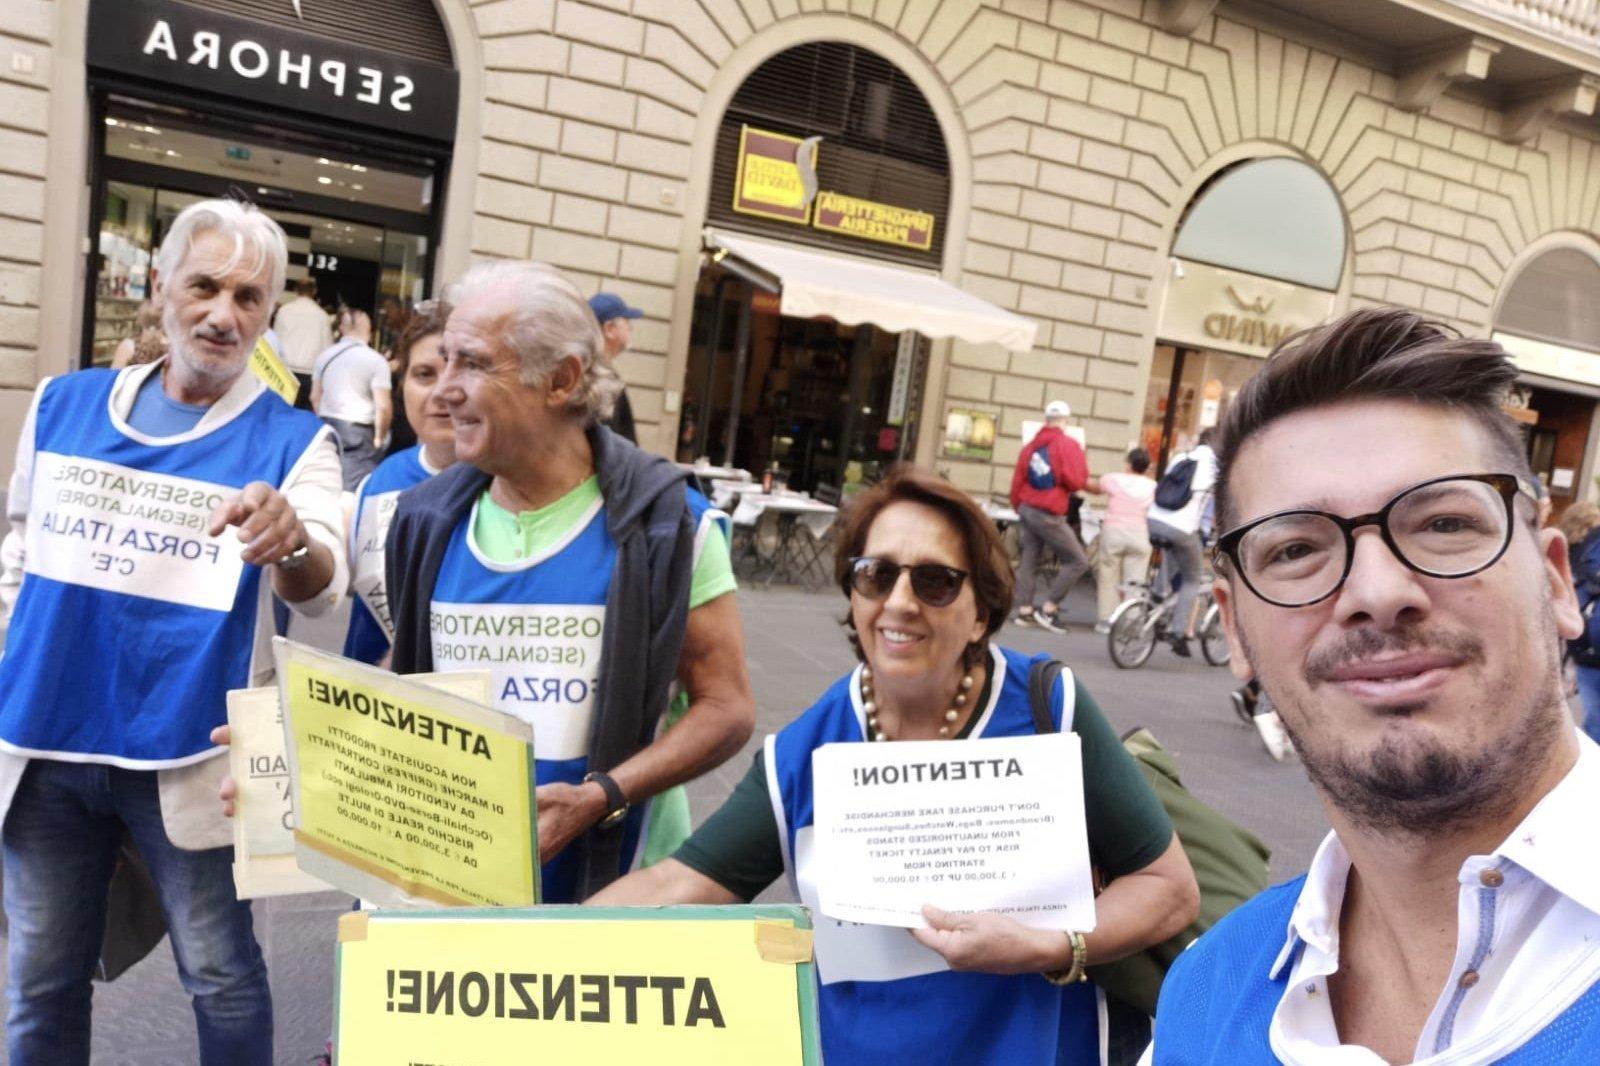 Passeggiata a Firenze contro il degrado